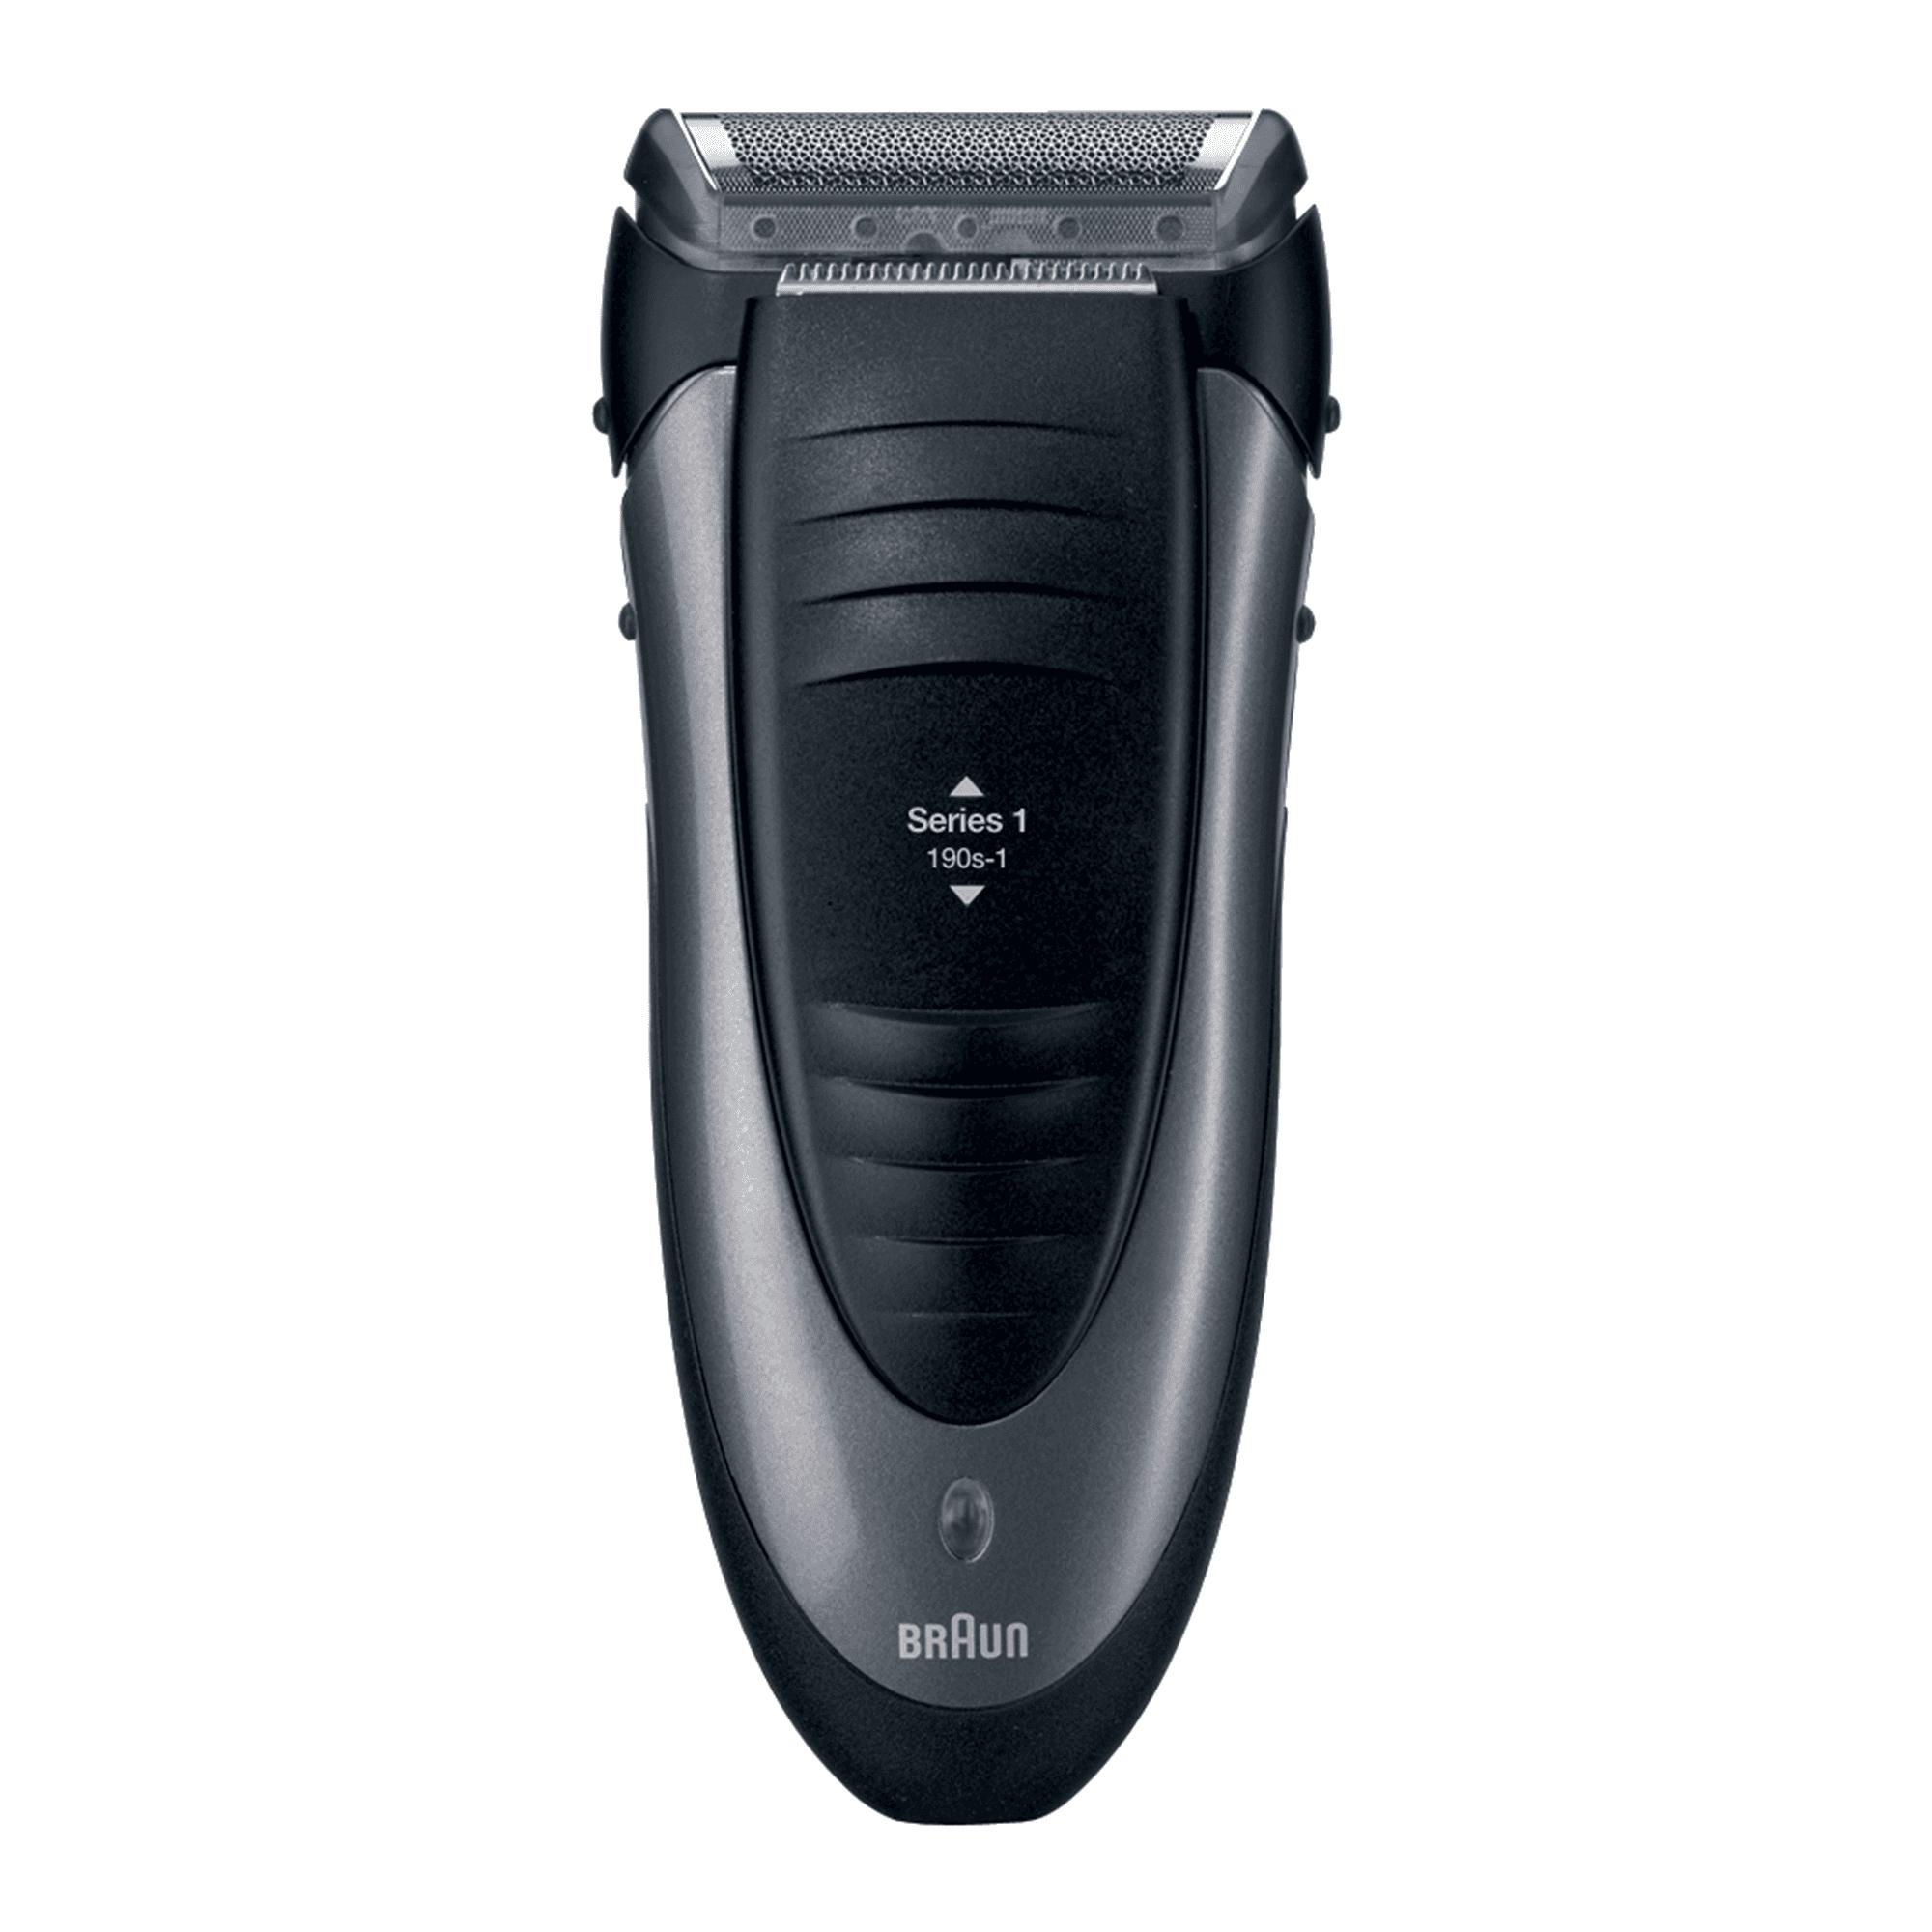 Braun scheerapparaat 190S-1 Series 1 Shaver